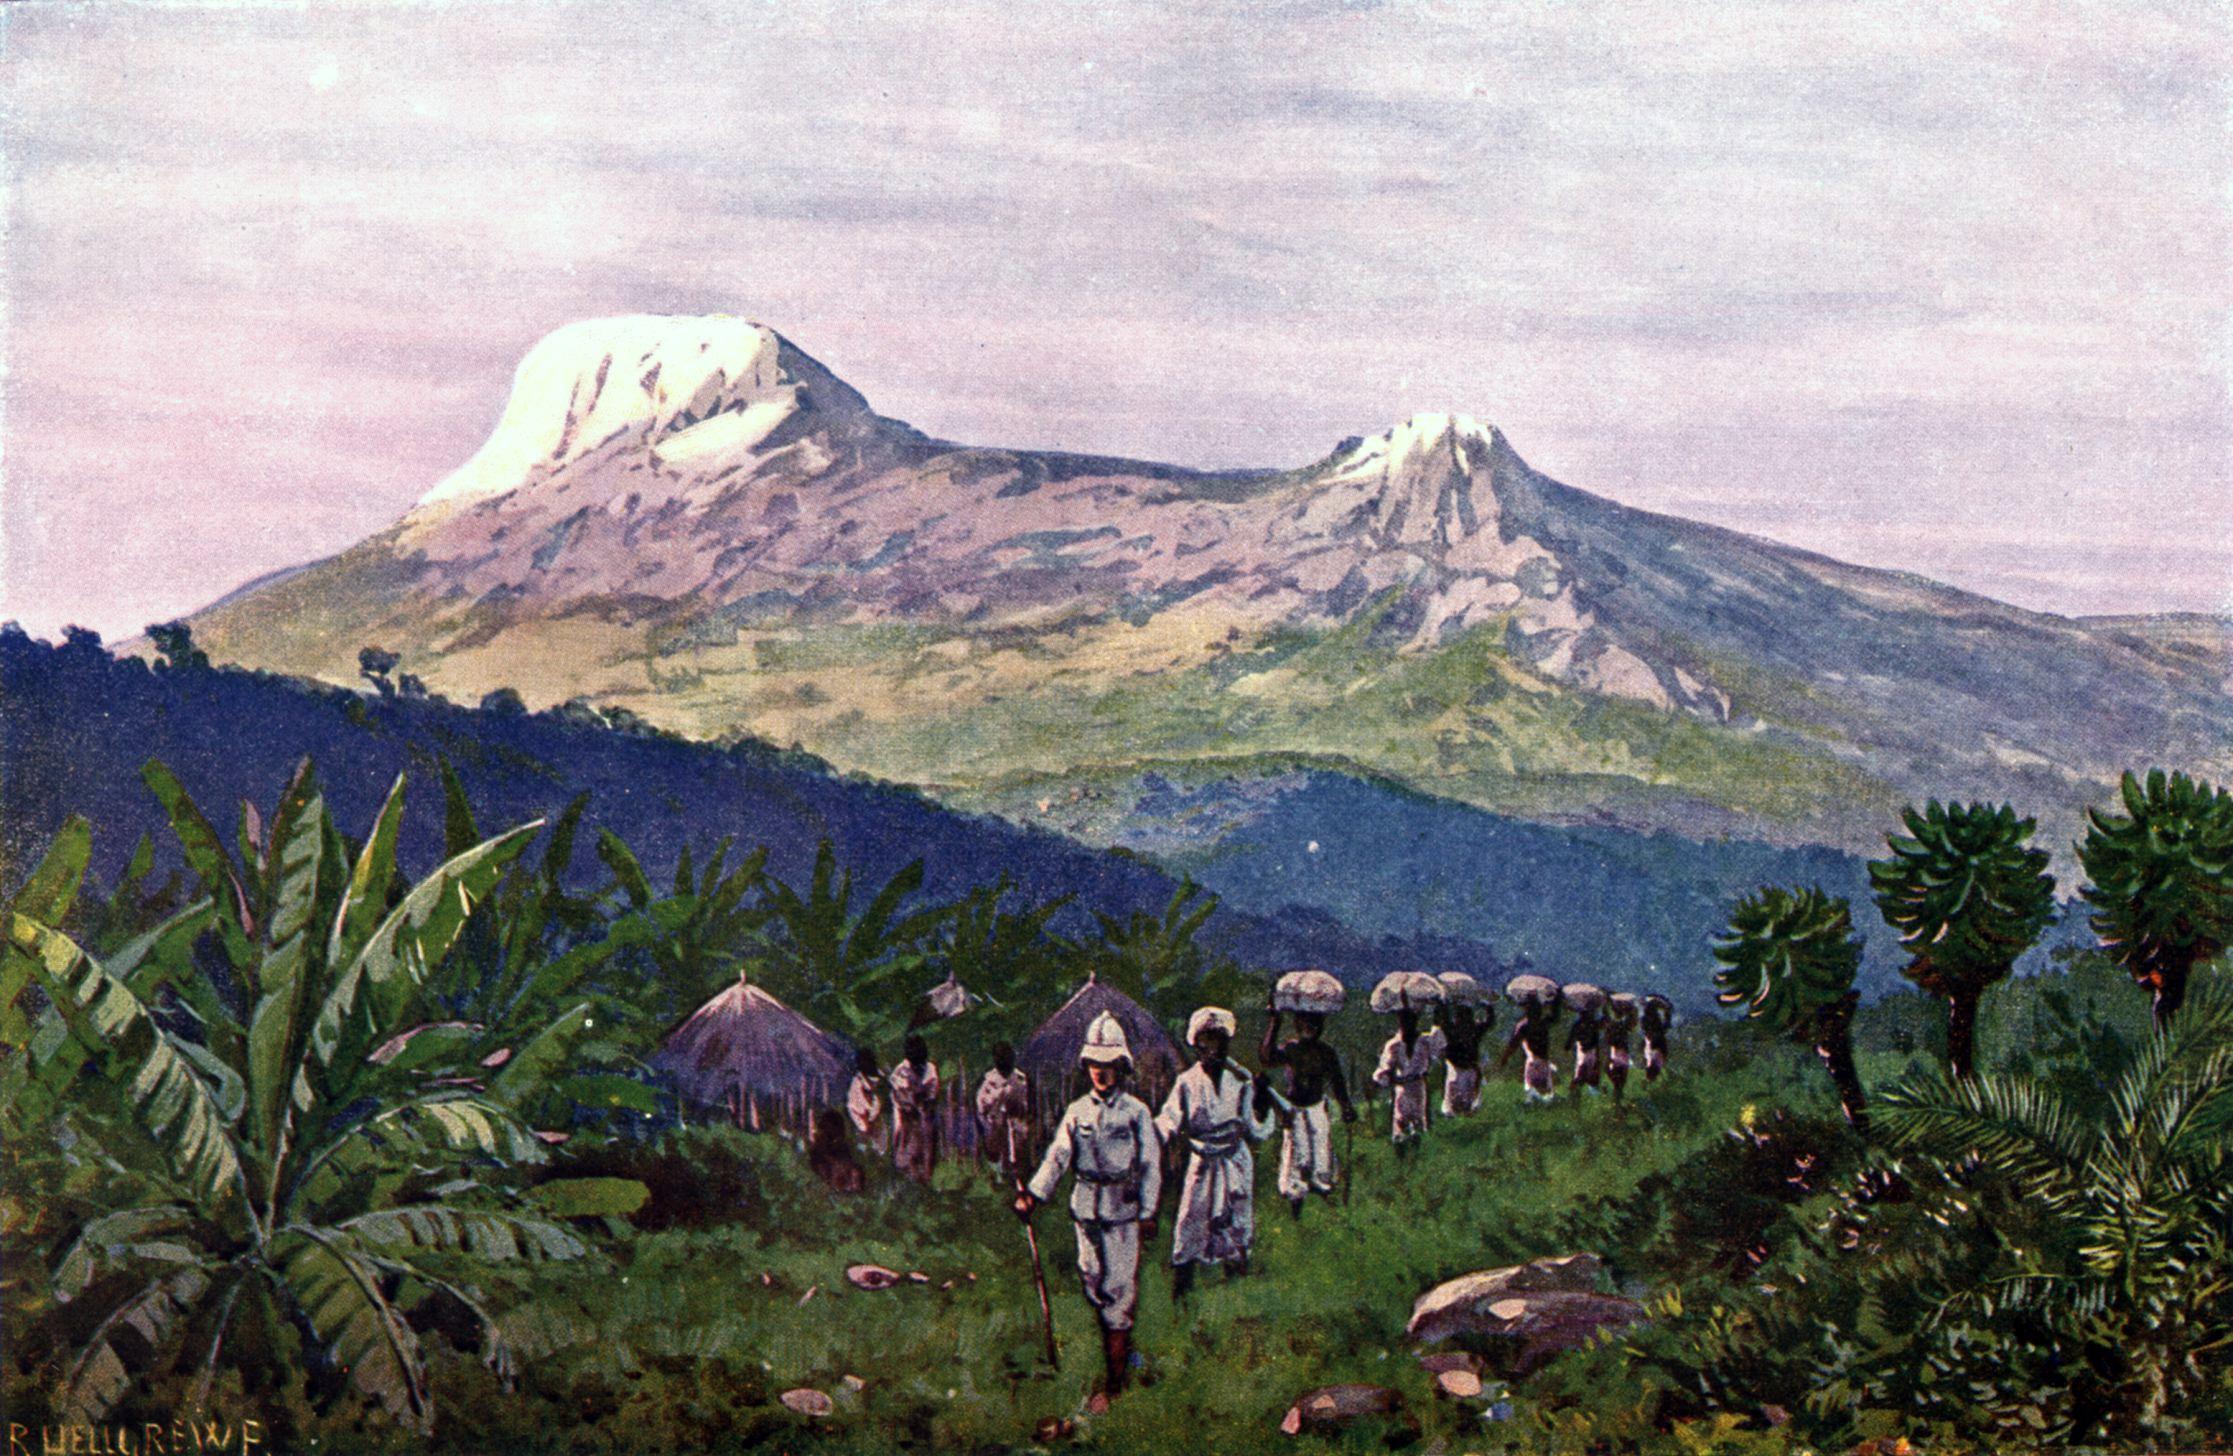 Mount Kilimanjaro painting, circa 1911